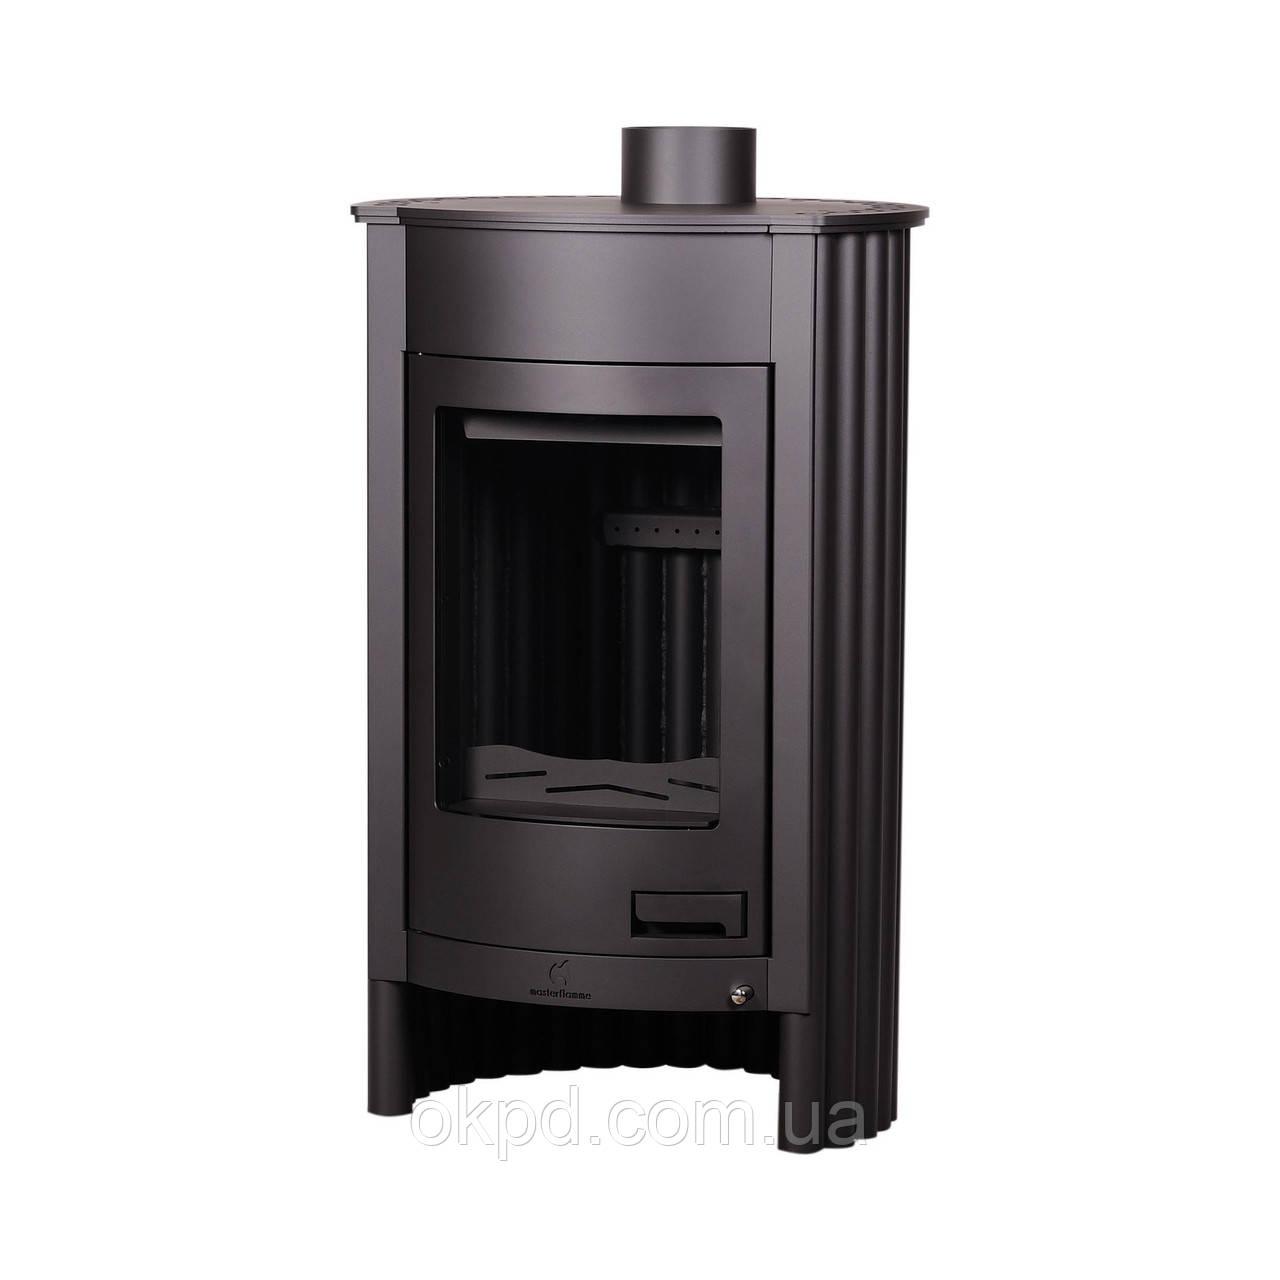 Опалювальна піч-камін тривалого горіння Masterflamme Медичних I (чорний)